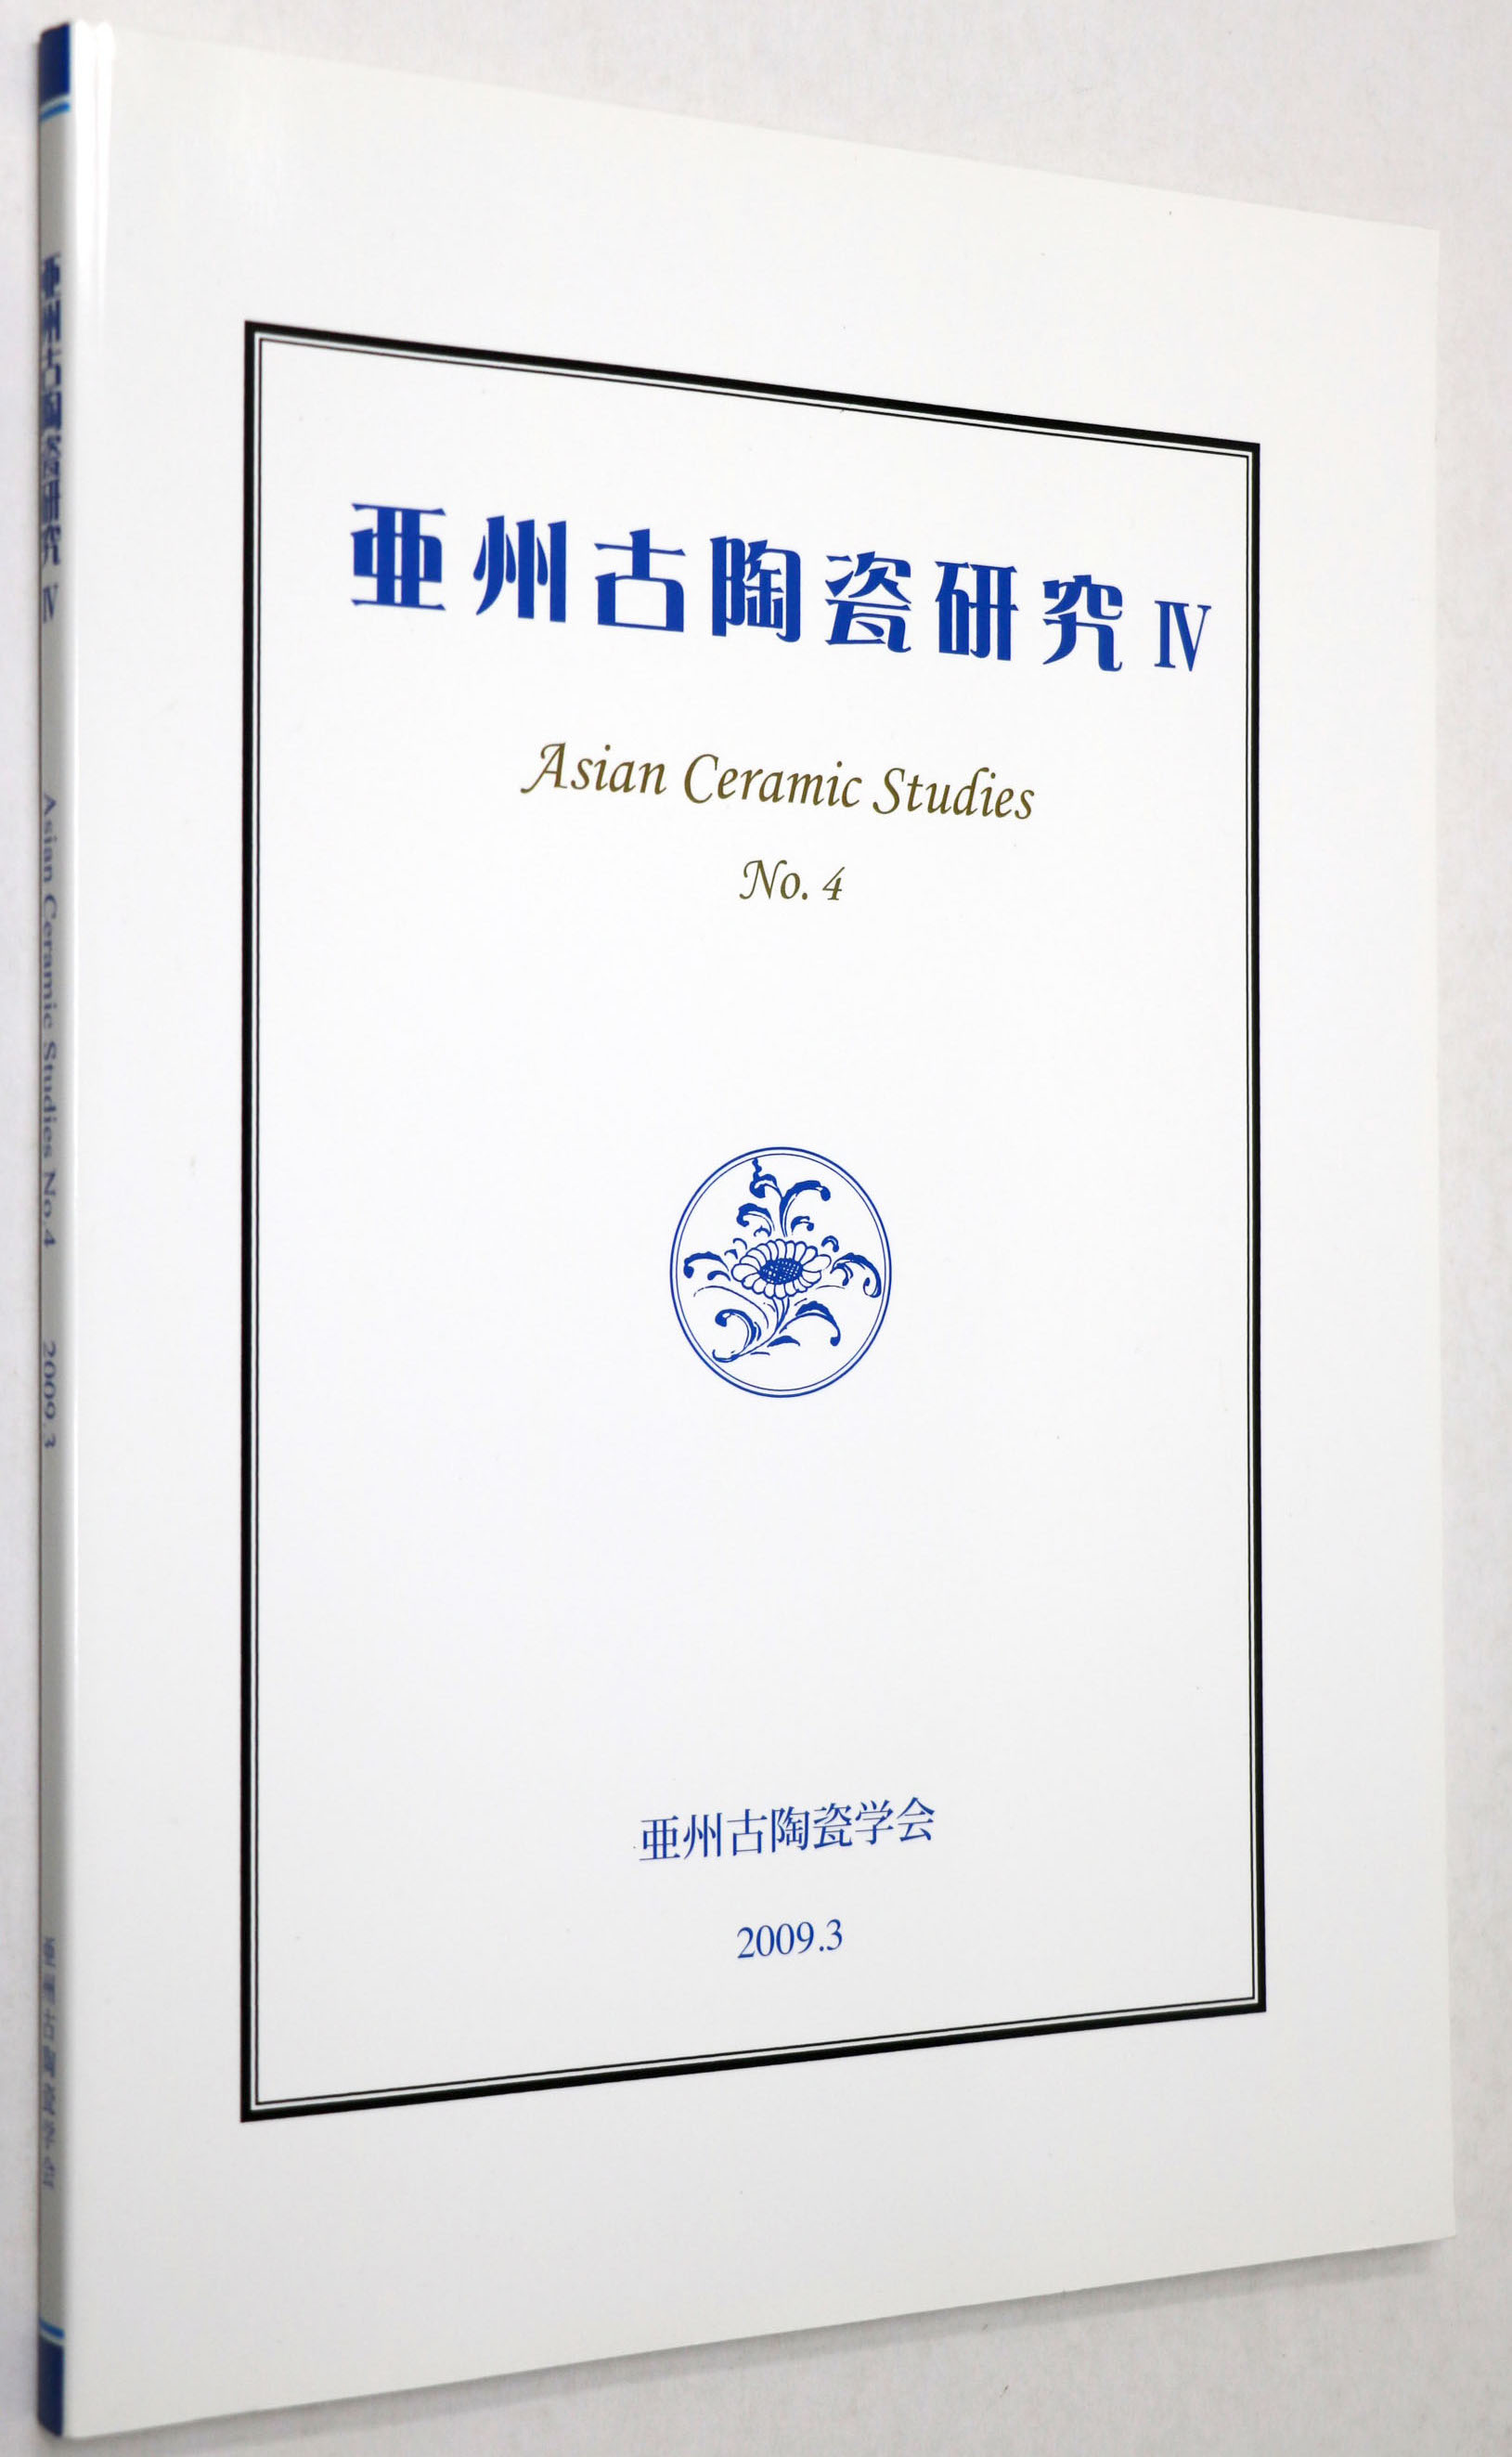 亜州古陶瓷研究 4